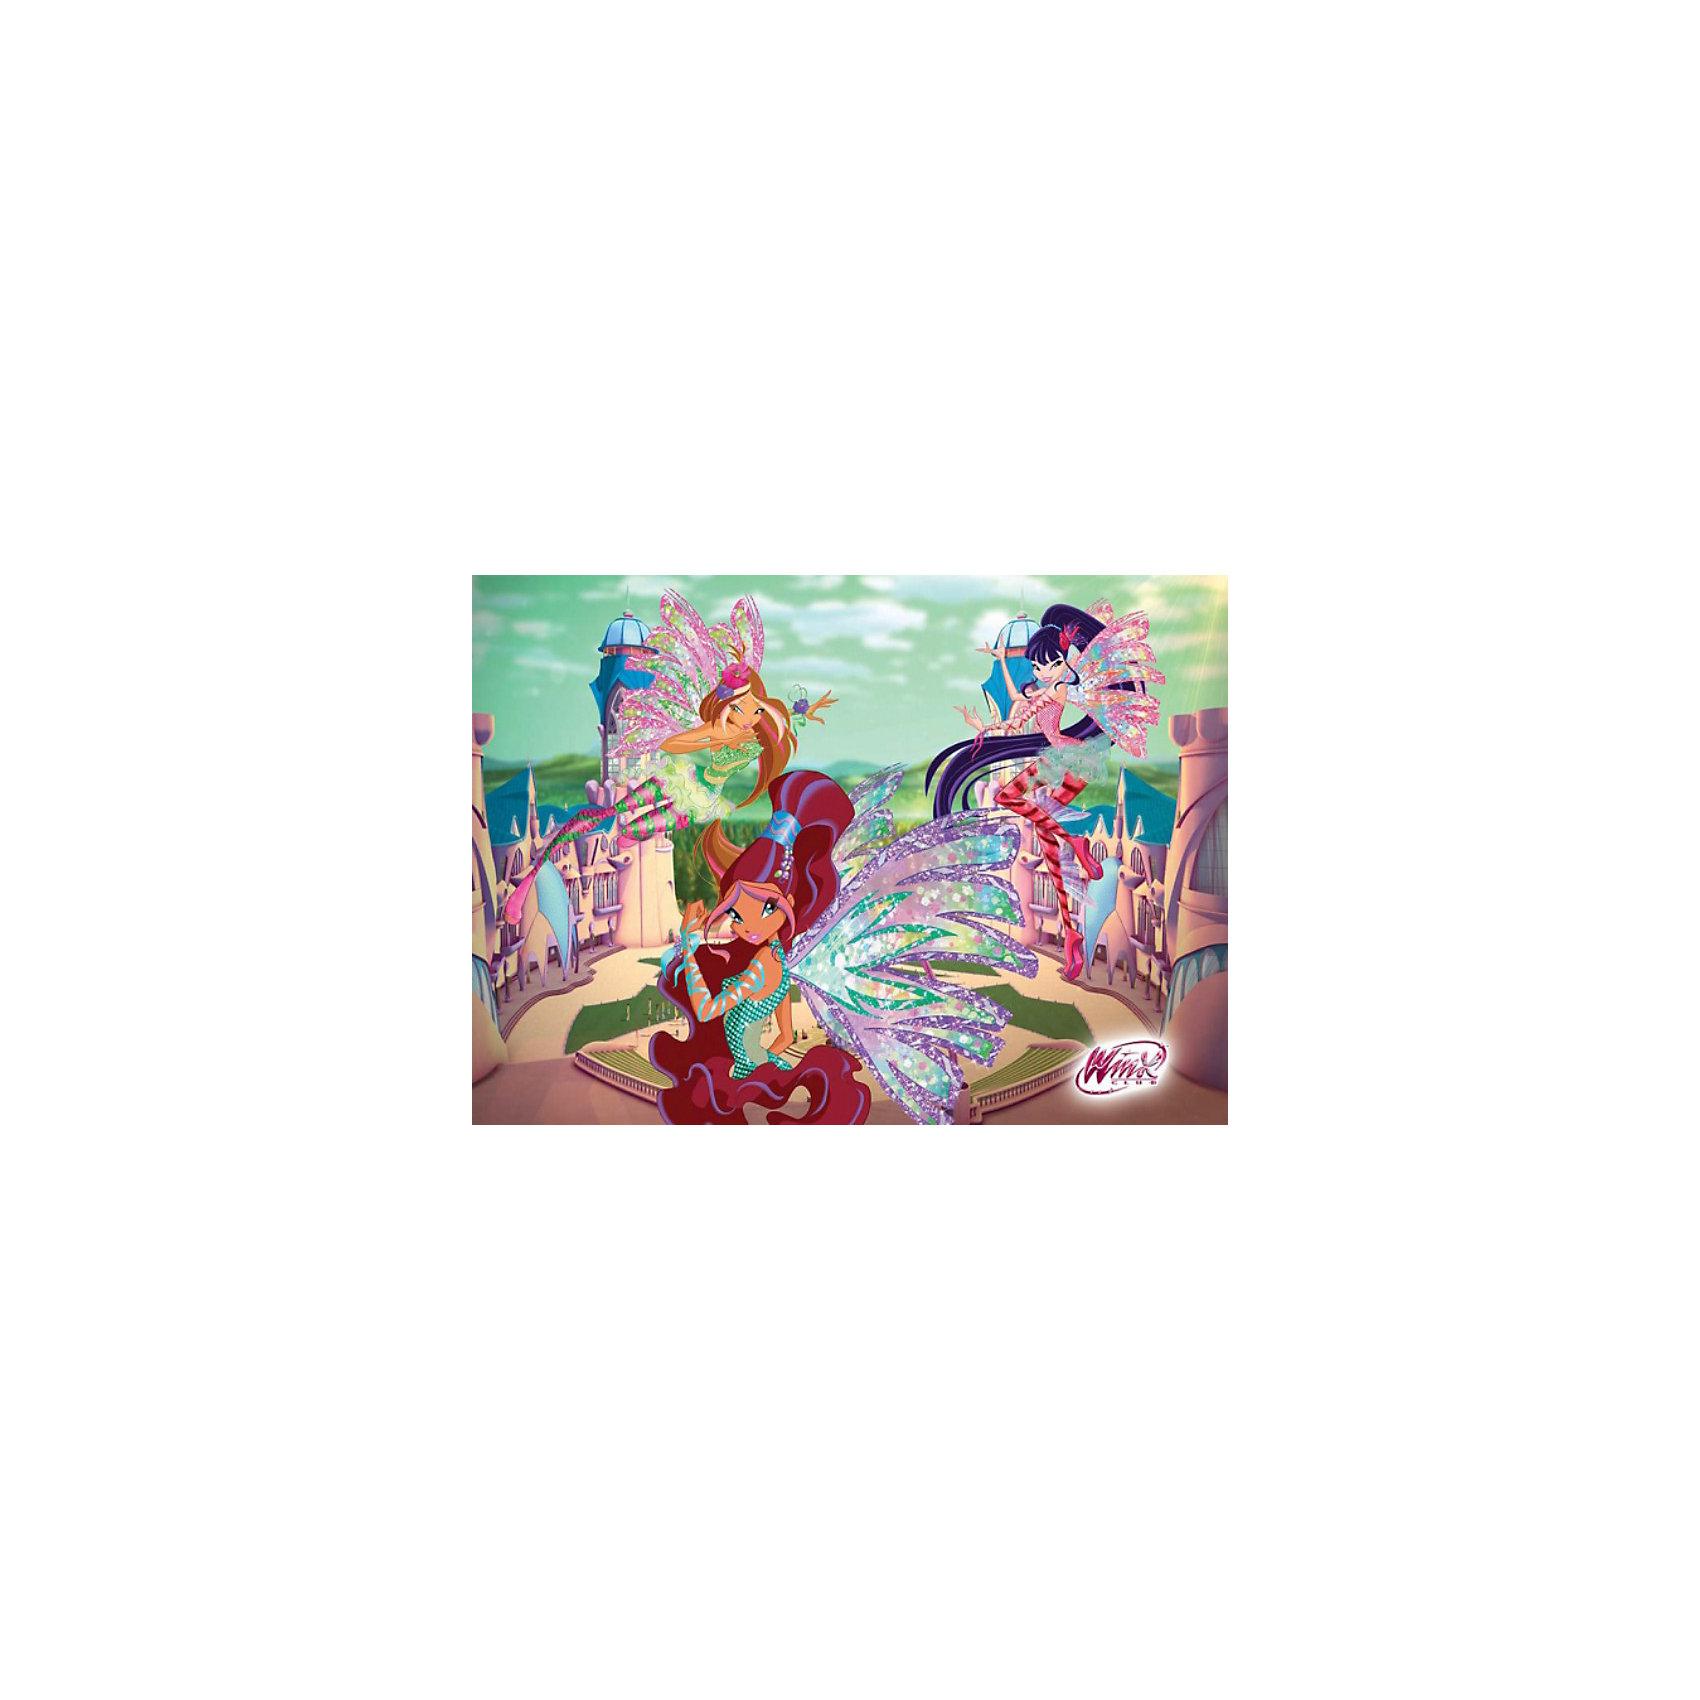 Пазл Волшебная школа Алфея, Winx Club, 260 деталей, CastorlandКоличество деталей<br>Порадуйте себя и своего ребенка великолепным Пазлом Волшебная школа Алфея, Winx Club (Винкс Клаб), 260 деталей, Castorland (Касторлэнд) с изображением героинь популярного мультфильма Школа волшебниц!<br><br>Школа волшебниц повествует о приключениях маленьких фей, обучающихся магии в школе Алфея. Алфея расположена в одном из живописных уголков мира Магикс. Сама школа – это два здания и 5 красивых башен, каждая из которых имеет особое назначение. Башни расположены по полукругу так, что внутри образуется внутренний дворик. Там разбит великолепный парк. Все это откроется взору ребенку, который верно собрал этот пазл: феи на фоне прекрасной школы магии. Яркие и качественные детали пазла привлекут внимание ребенка и позволят ему с удовольствием собирать картинку. <br><br>Особенности:<br>-Способствуют развитию образного и логического мышления, наблюдательности, мелкой моторики<br>-Высокое качество: точная нарезка, обеспечивающая стыковку деталей, качественная проработка деталей картинки, яркая цветовая гамма<br>-Изготовлено из экологического сырья<br>-Матовая поверхность исключает неприятные отблески<br><br>Комплектация: 260 деталей<br><br>Дополнительная информация:<br><br>-Размеры собранного пазла: 32х23 см<br>-Материал: картон<br><br>Пазл высокого качества с ярким и интересным изображением из любимого мультфильма приятно получать в подарок и интересно складывать!<br><br>Пазл Волшебная школа Алфея, Winx Club (Винкс Клаб), 260 деталей, Castorland (Касторлэнд) можно купить в нашем магазине.<br><br>Ширина мм: 245<br>Глубина мм: 175<br>Высота мм: 37<br>Вес г: 150<br>Возраст от месяцев: 36<br>Возраст до месяцев: 1188<br>Пол: Женский<br>Возраст: Детский<br>Количество деталей: 260<br>SKU: 3574397